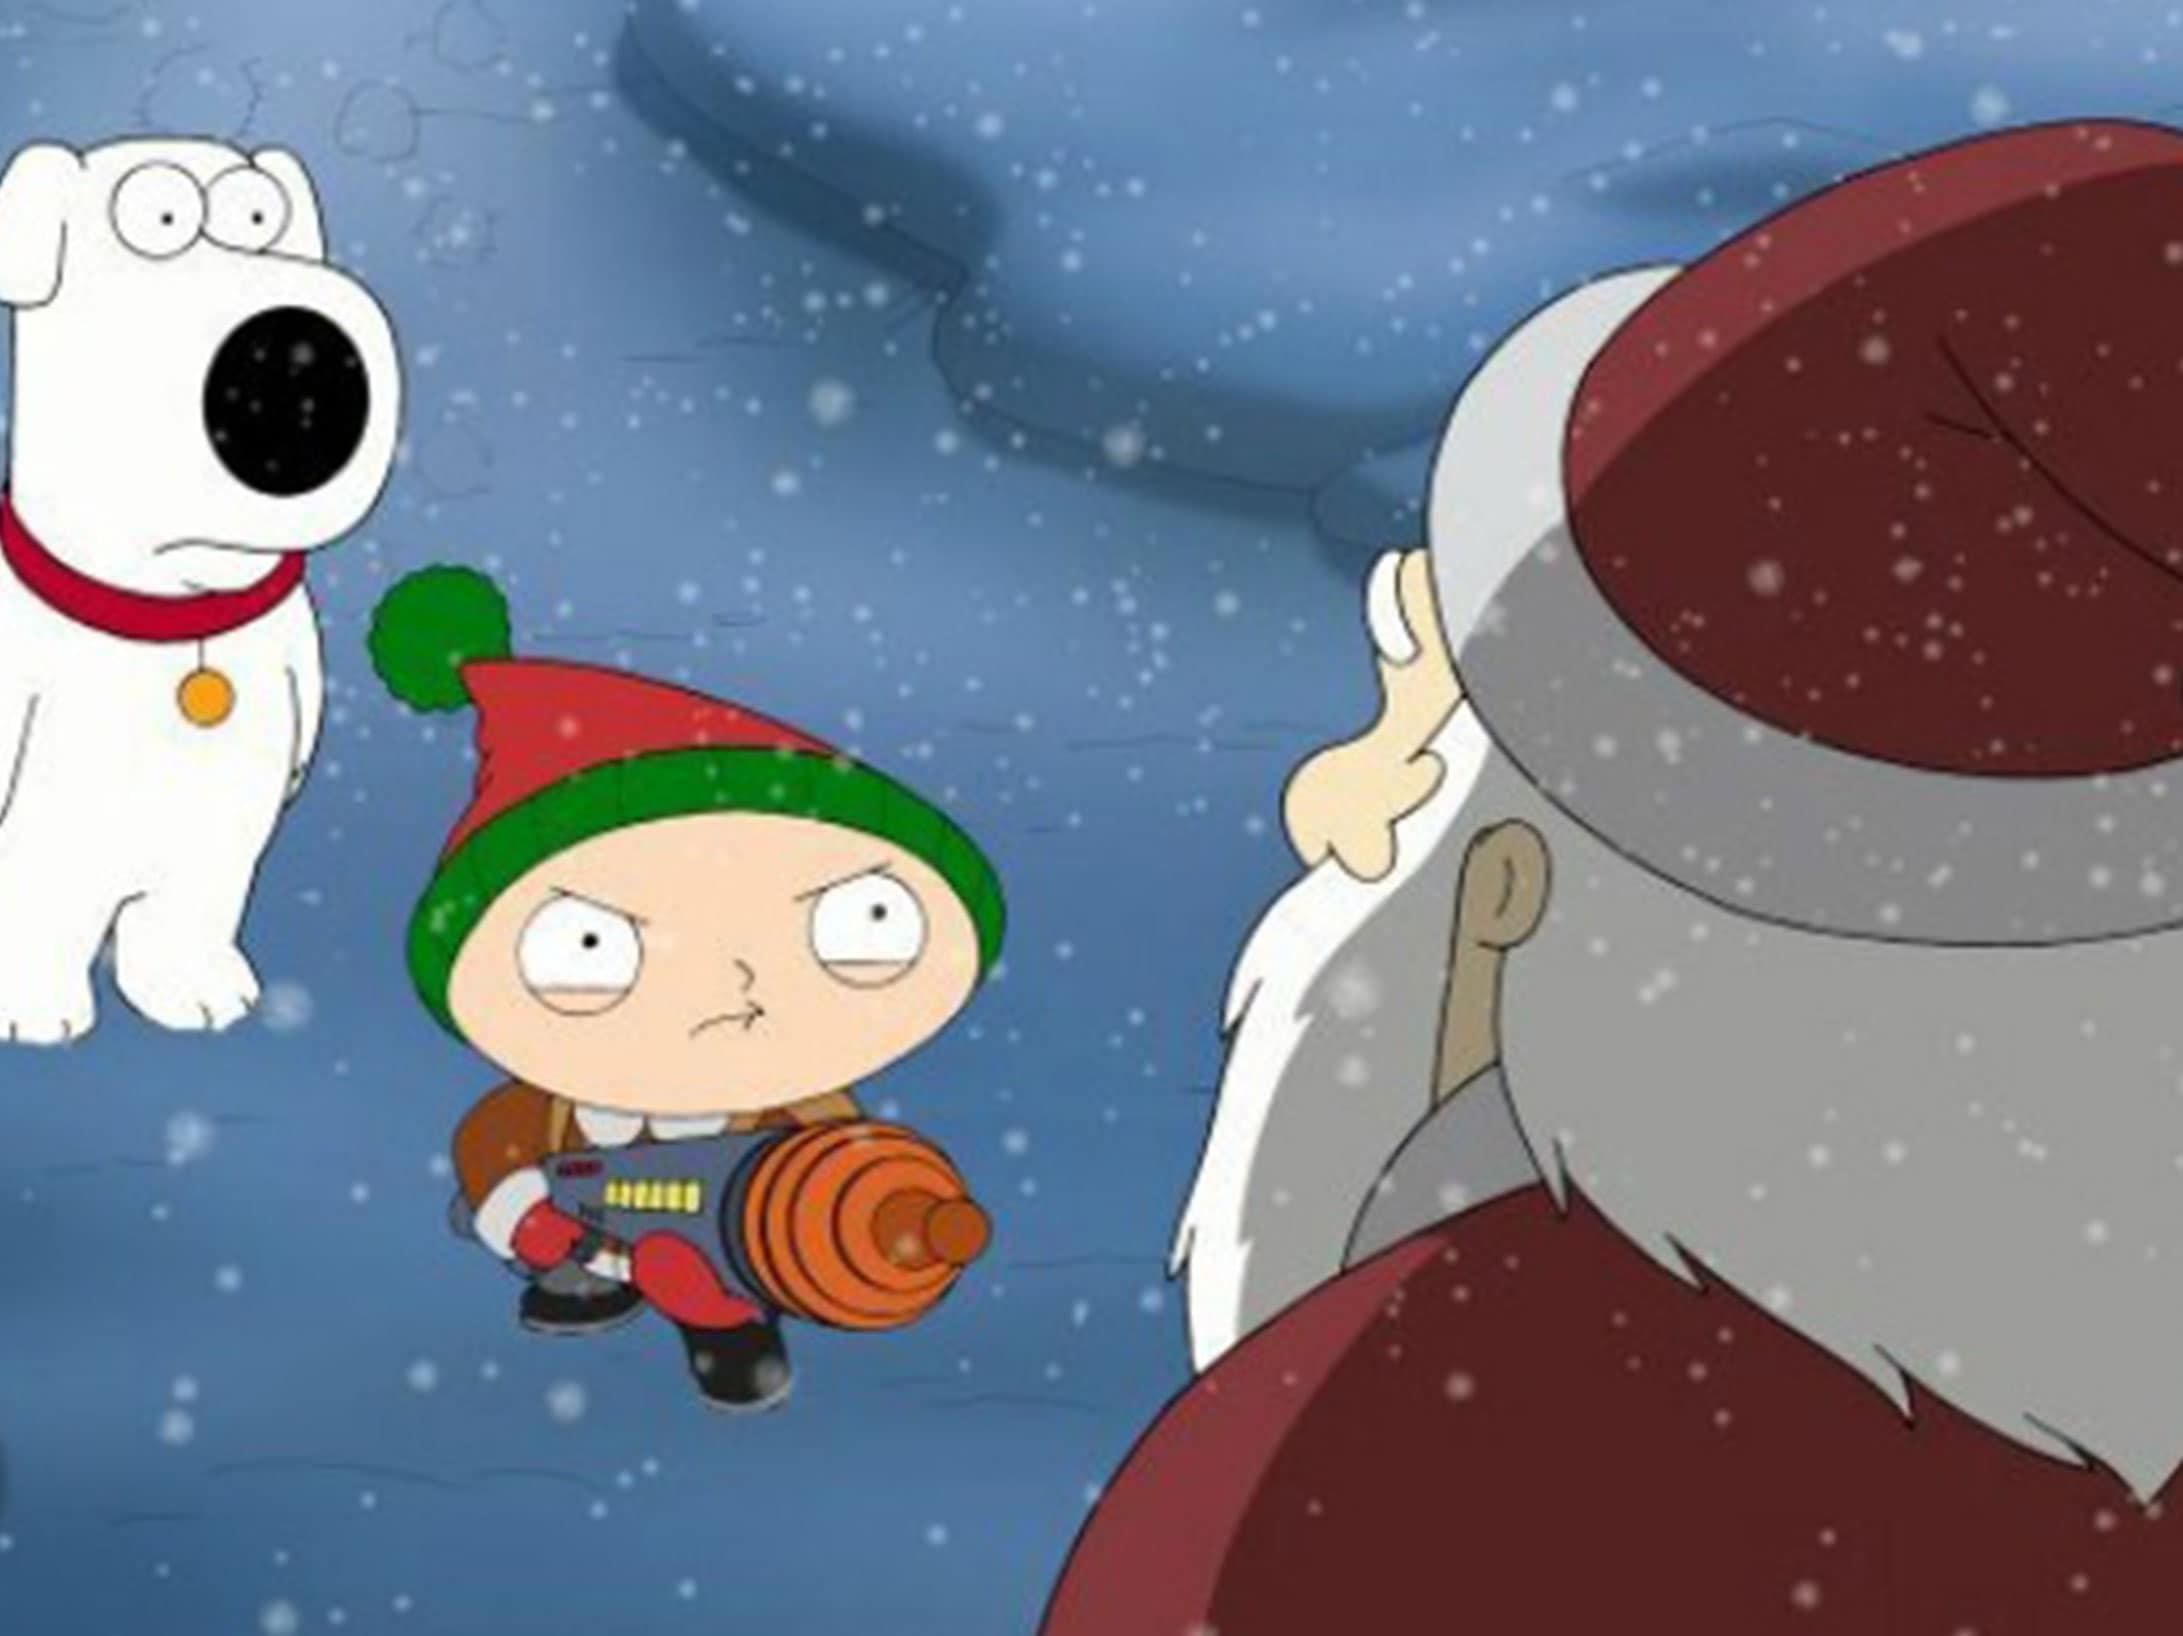 Vendita Regali Di Natale Riciclati.Come Riciclare I Regali Di Natale Senza Farsi Beccare Grazia It